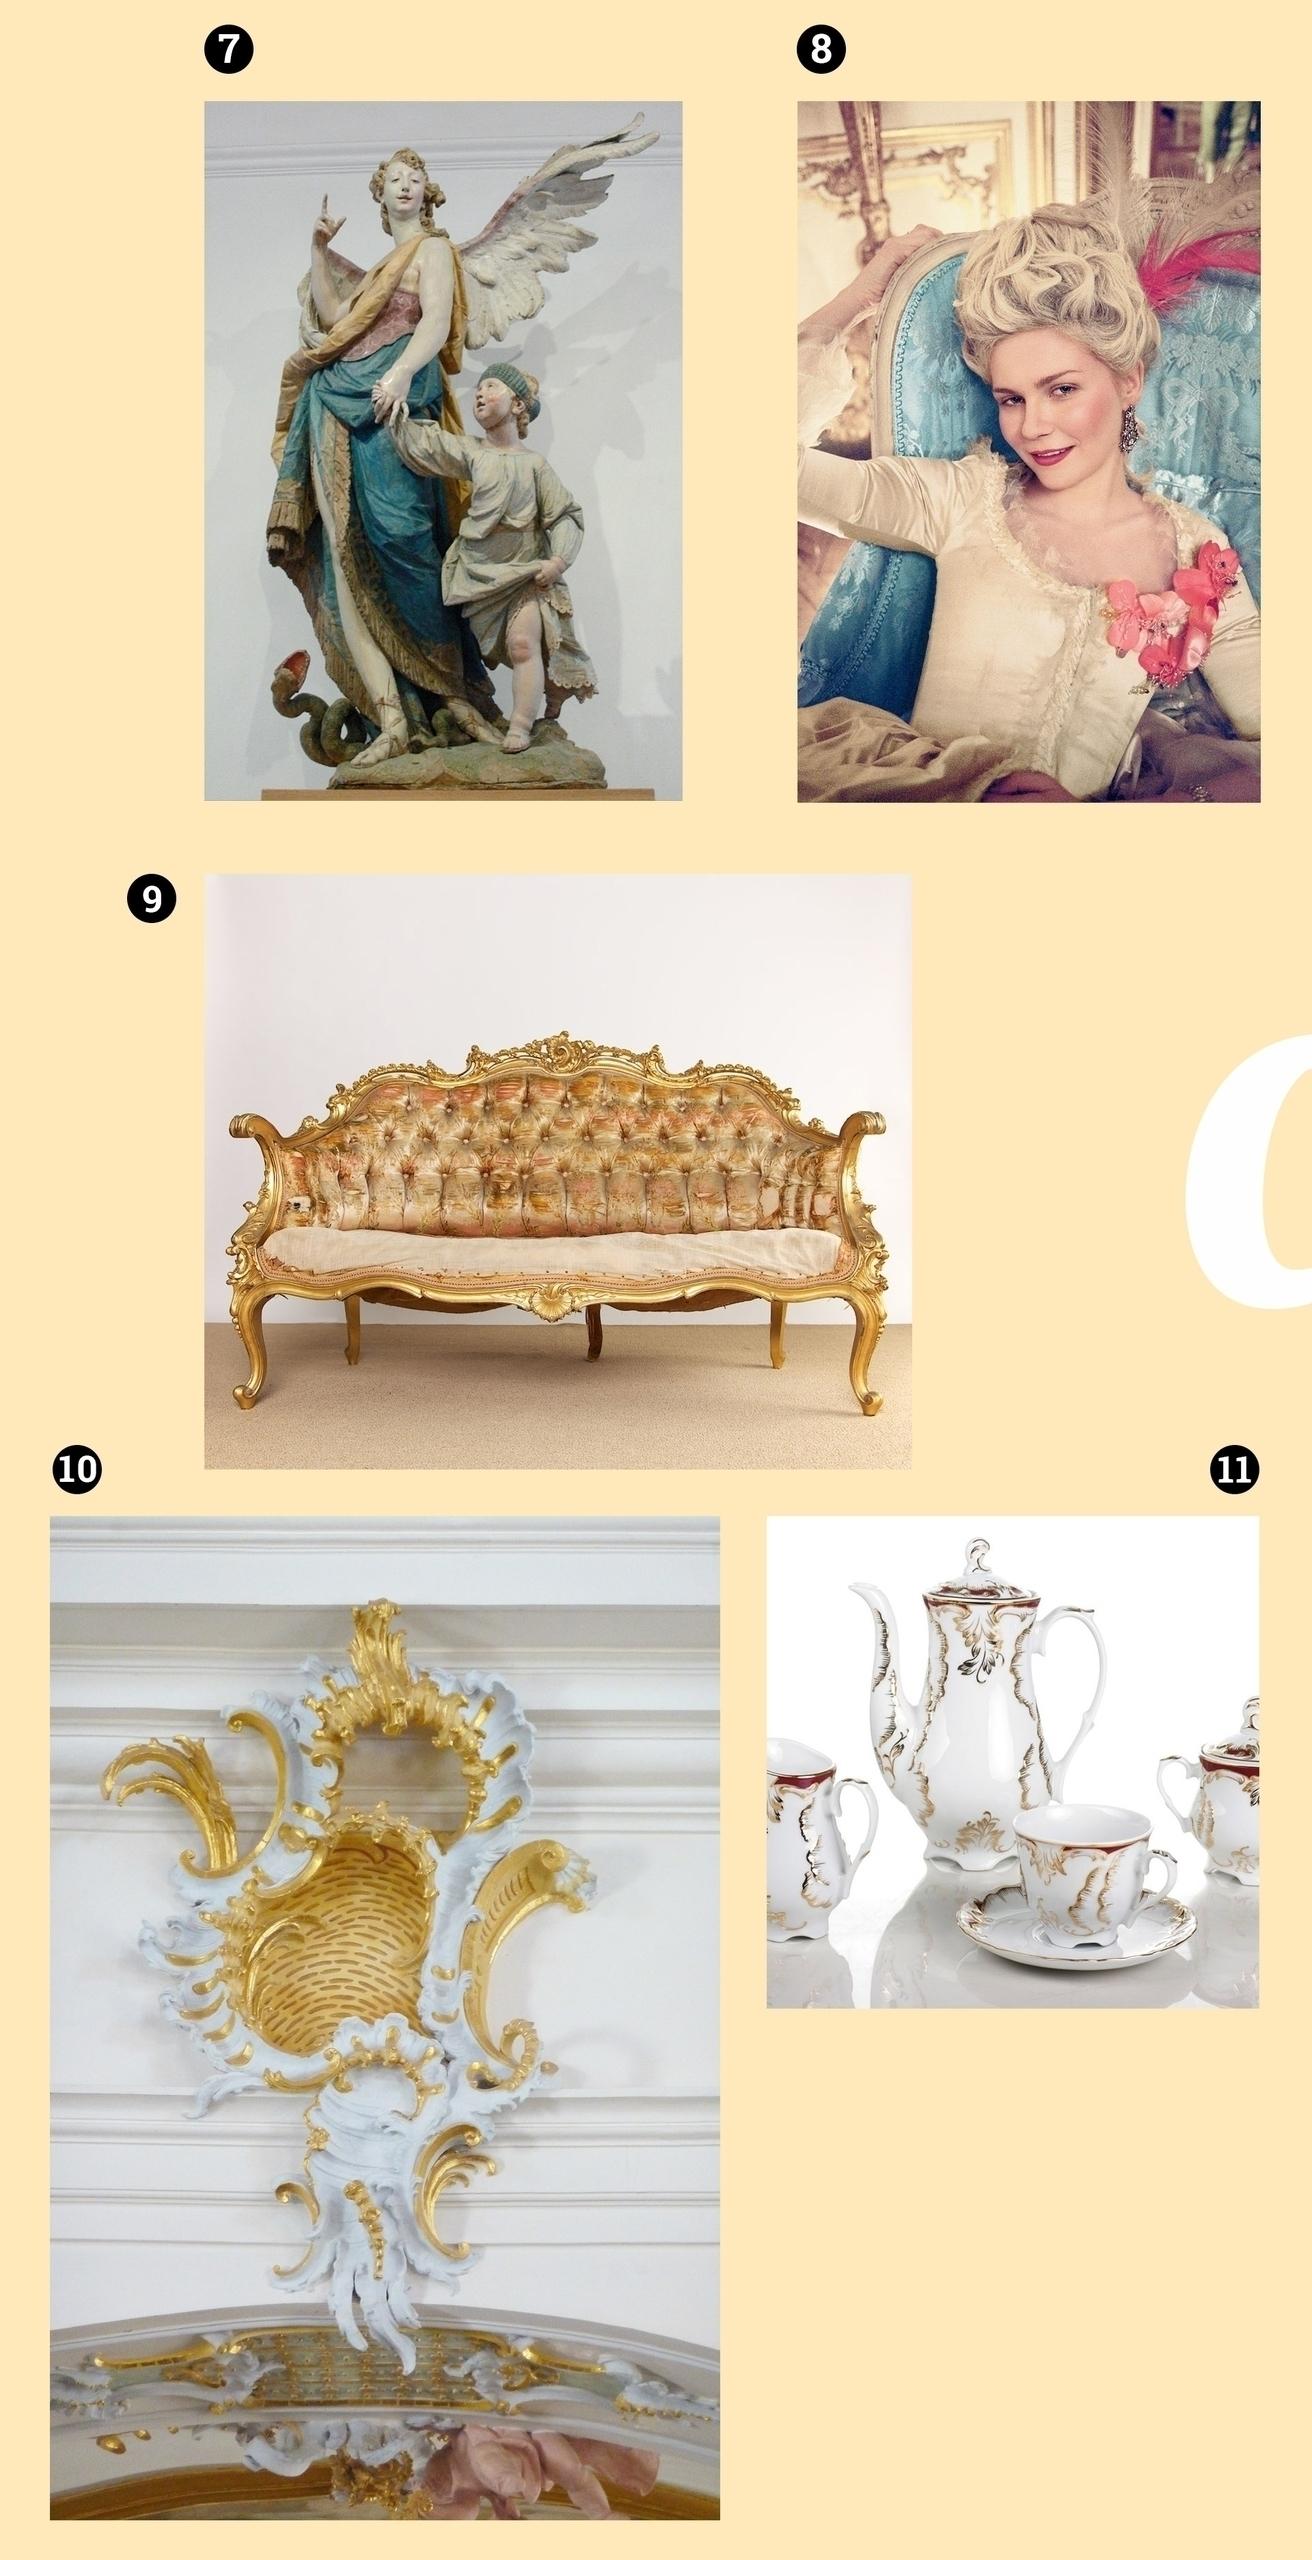 Obraz przedstawia pięć zdjęć na jasnobeżowym tle. Widzimy rzeźbę, kanapę w stylu rokoko, aktorkę, porcelanowy dzbanek, ornament biało-złoty.